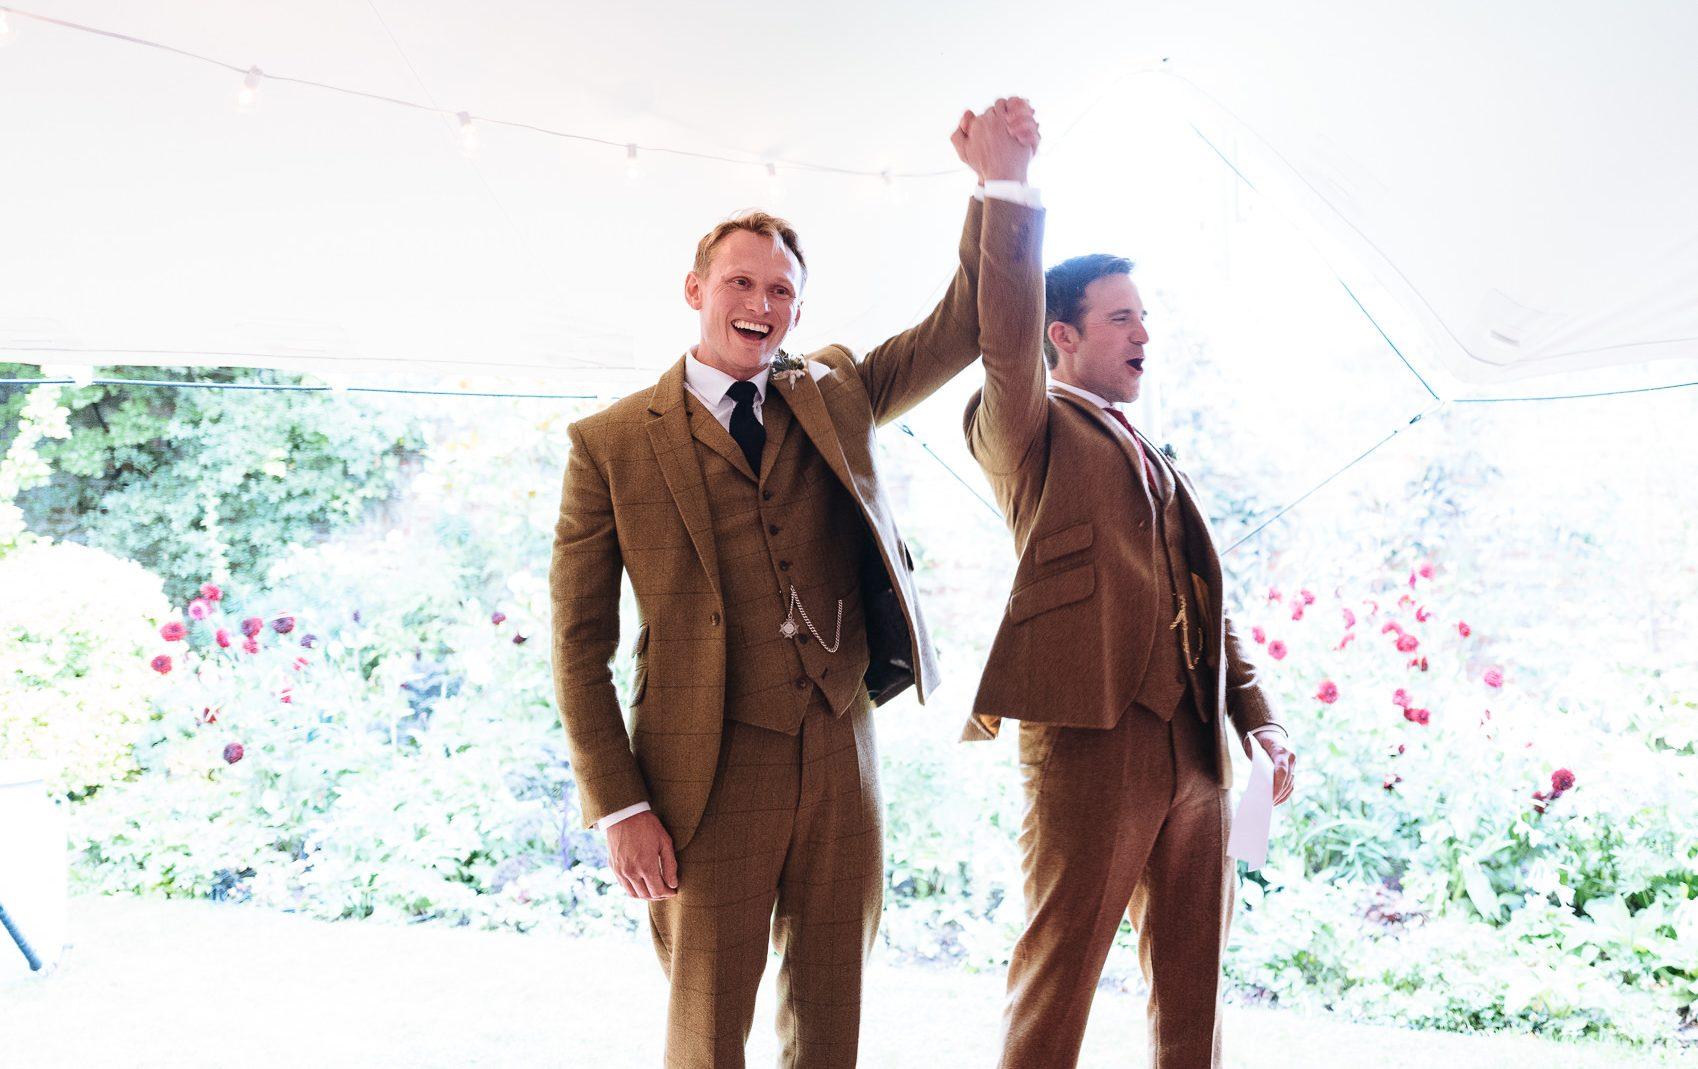 En Çok Hangi Şehirde Evli Eşcinsel Çift Var?